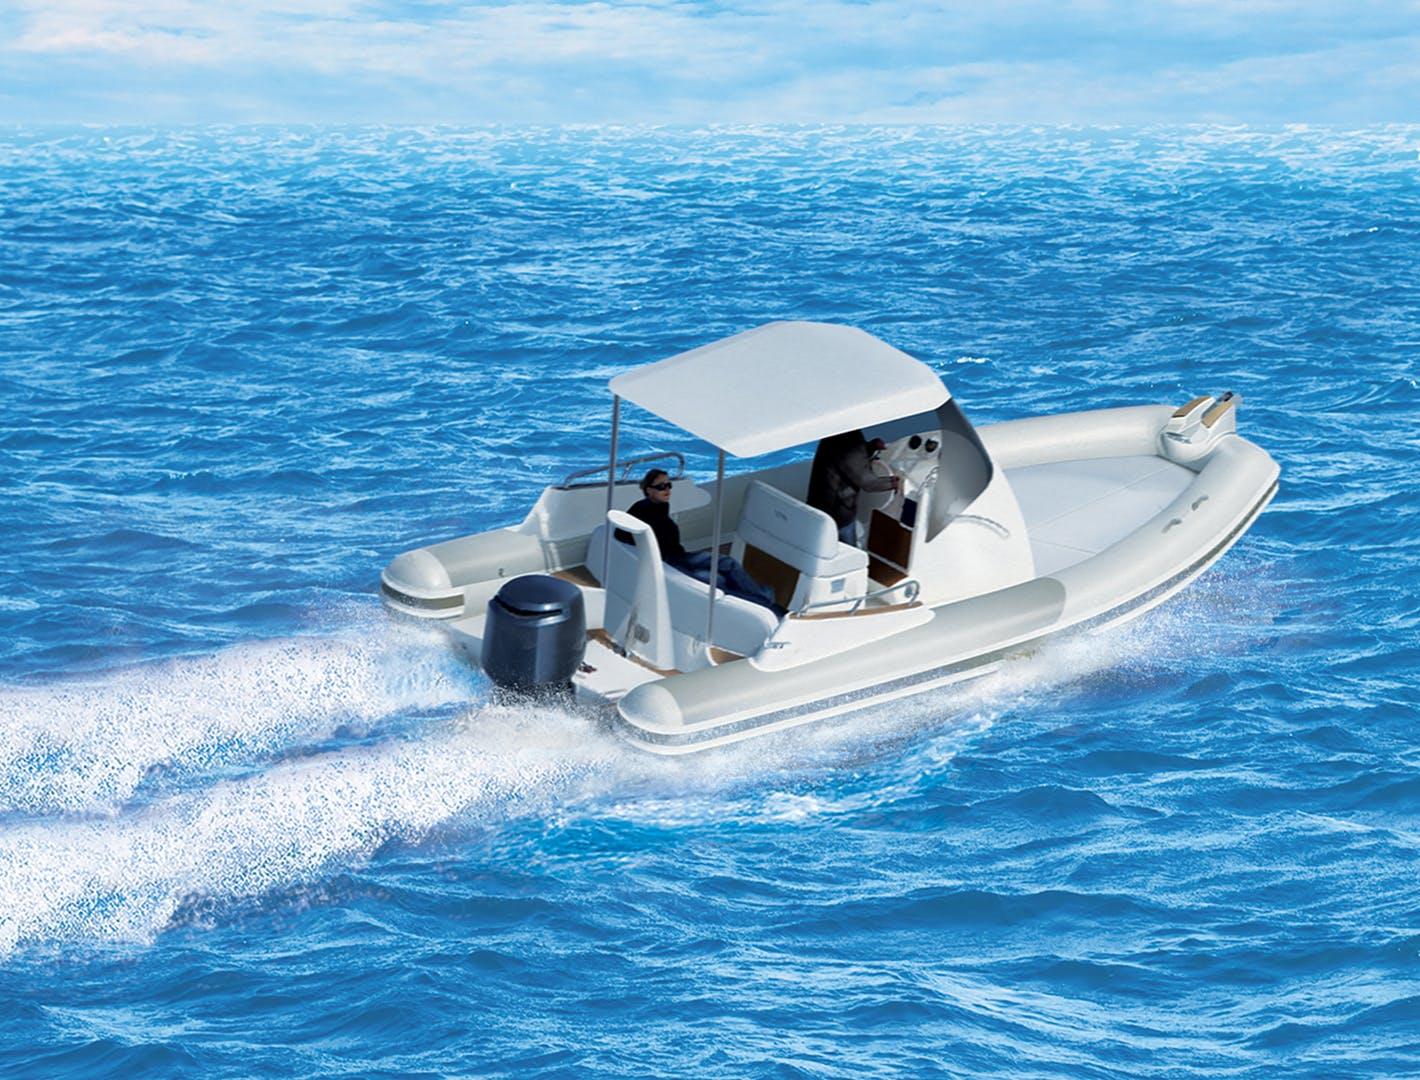 Bateau moteur hors-bord 4 temps sur l'eau